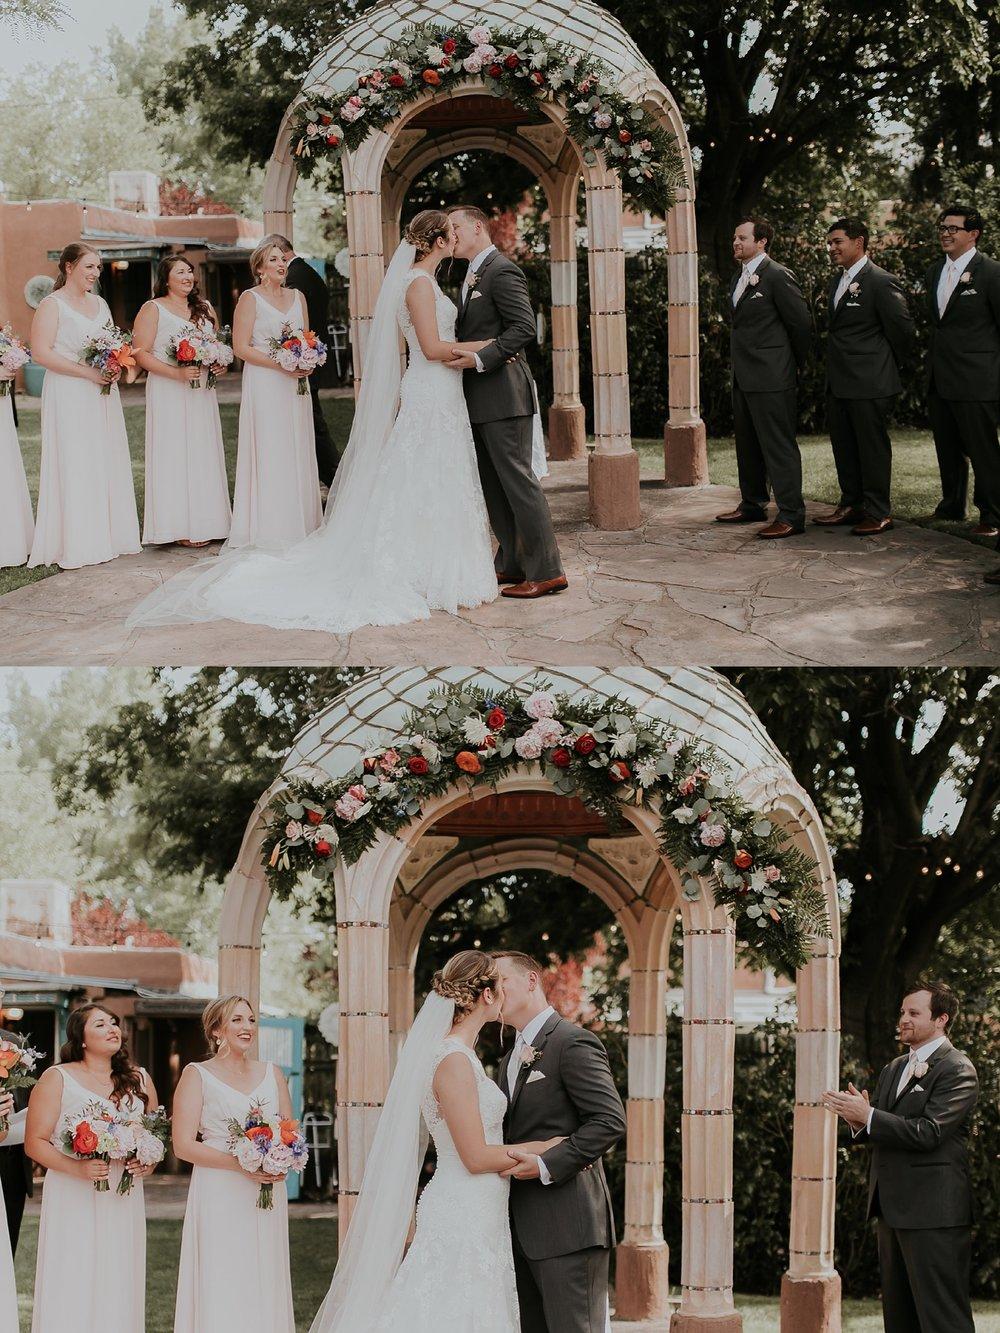 Alicia+lucia+photography+-+albuquerque+wedding+photographer+-+santa+fe+wedding+photography+-+new+mexico+wedding+photographer+-+new+mexico+wedding+-+albuquerque+wedding+-+santa+fe+wedding+-+wedding+kisses+-+wedding+first+kisses_0039.jpg